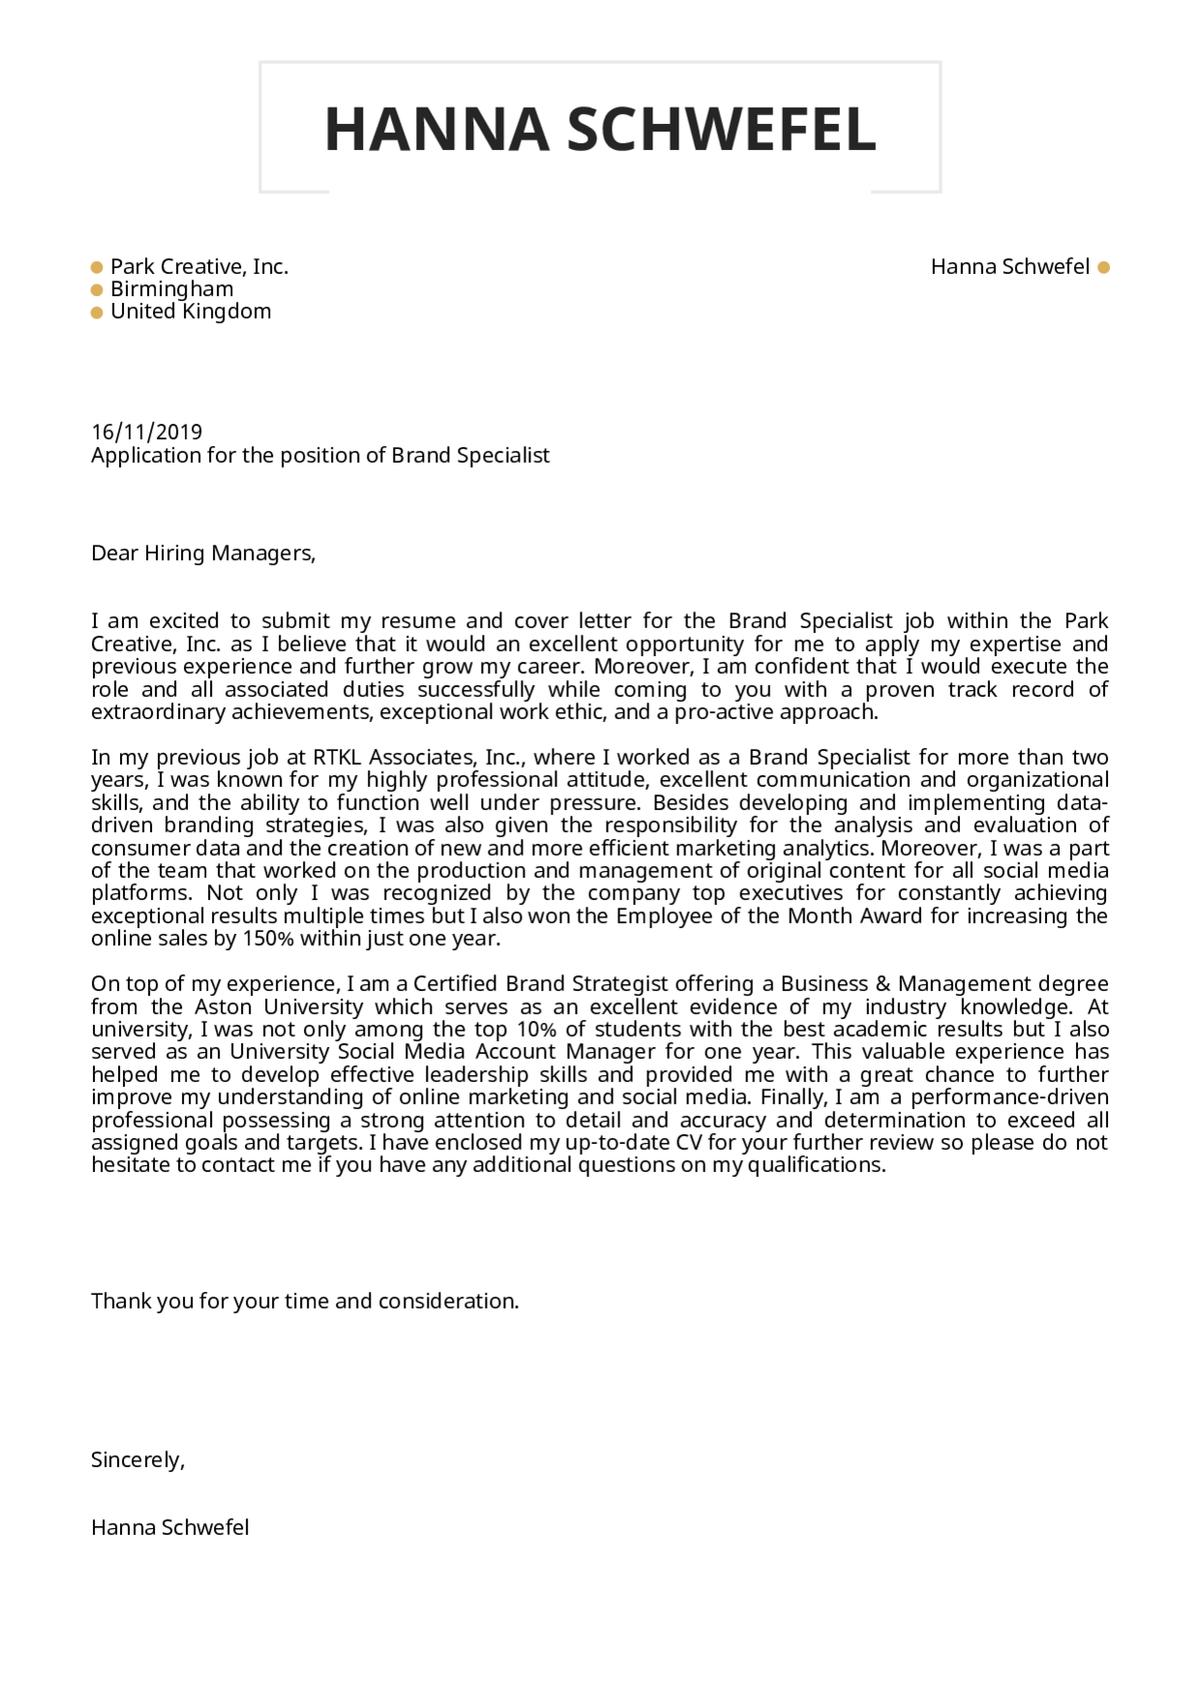 Cover letter for UK job